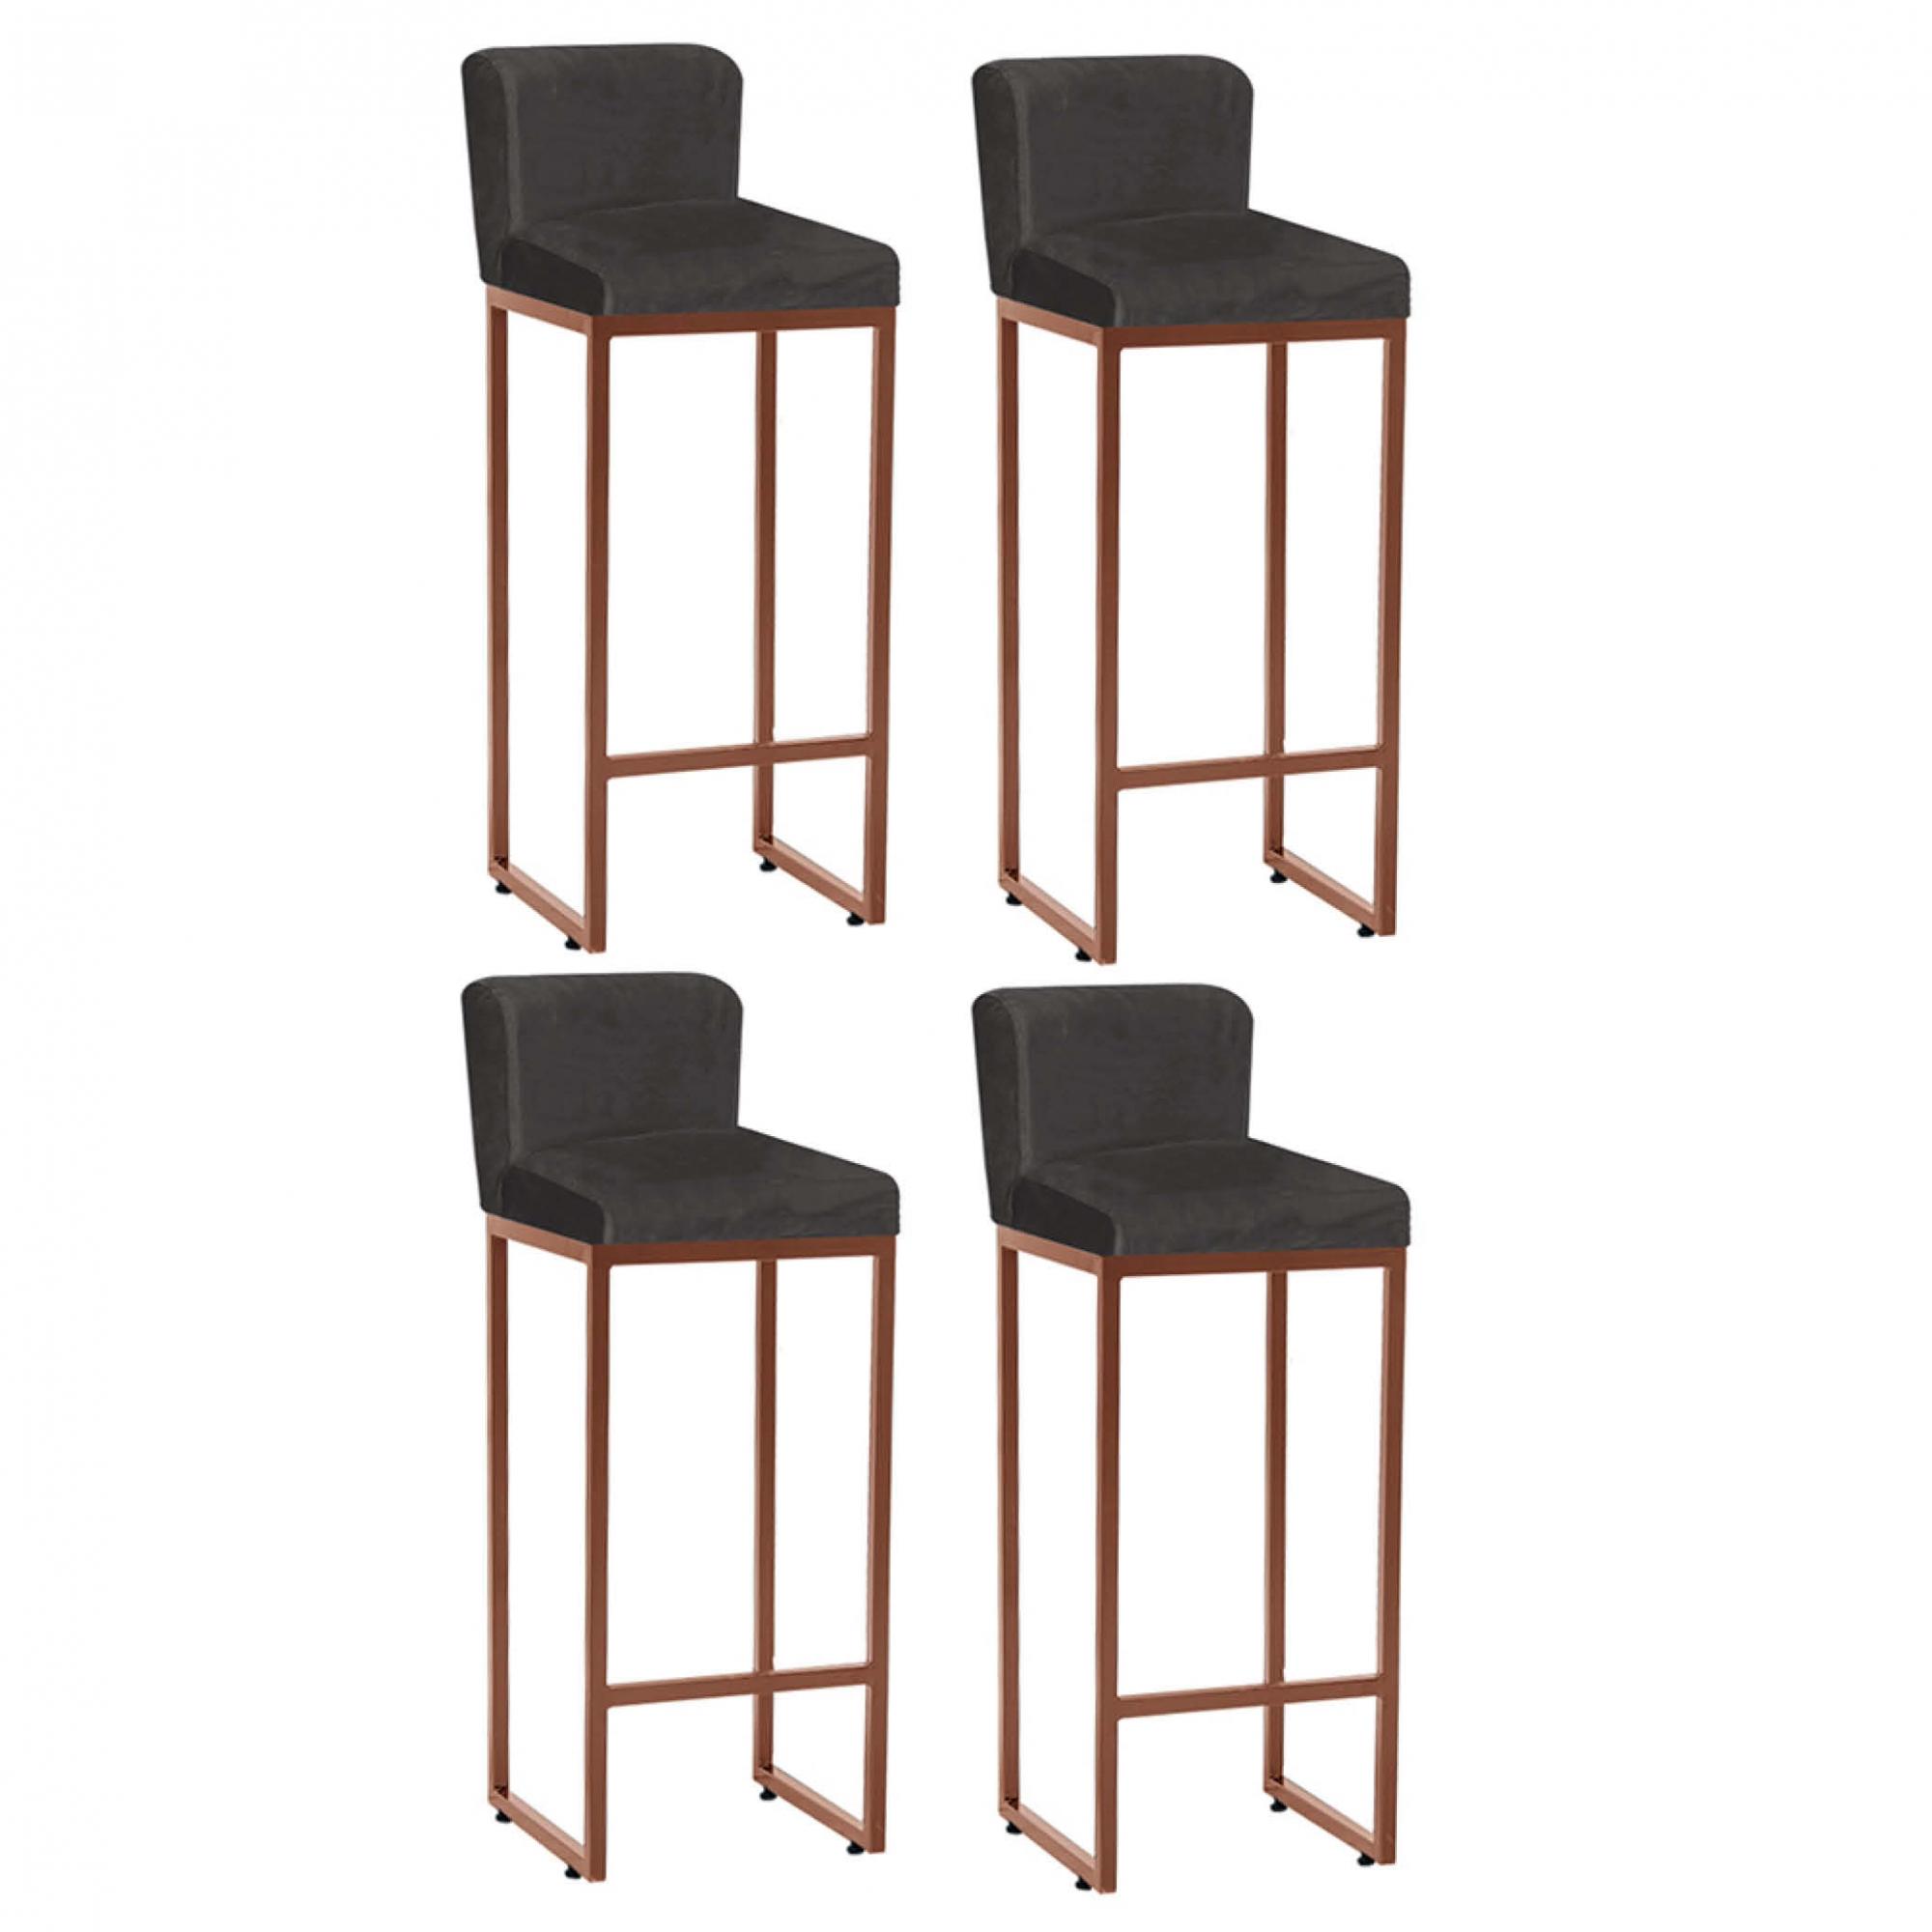 Kit 04 Banquetas Decorativa Alta Loues Tecido Sintético Cinza Com Encosto Para Cozinha Bar Balcão Bistrô Pé de Ferro Bronze -Bela Casa Shop